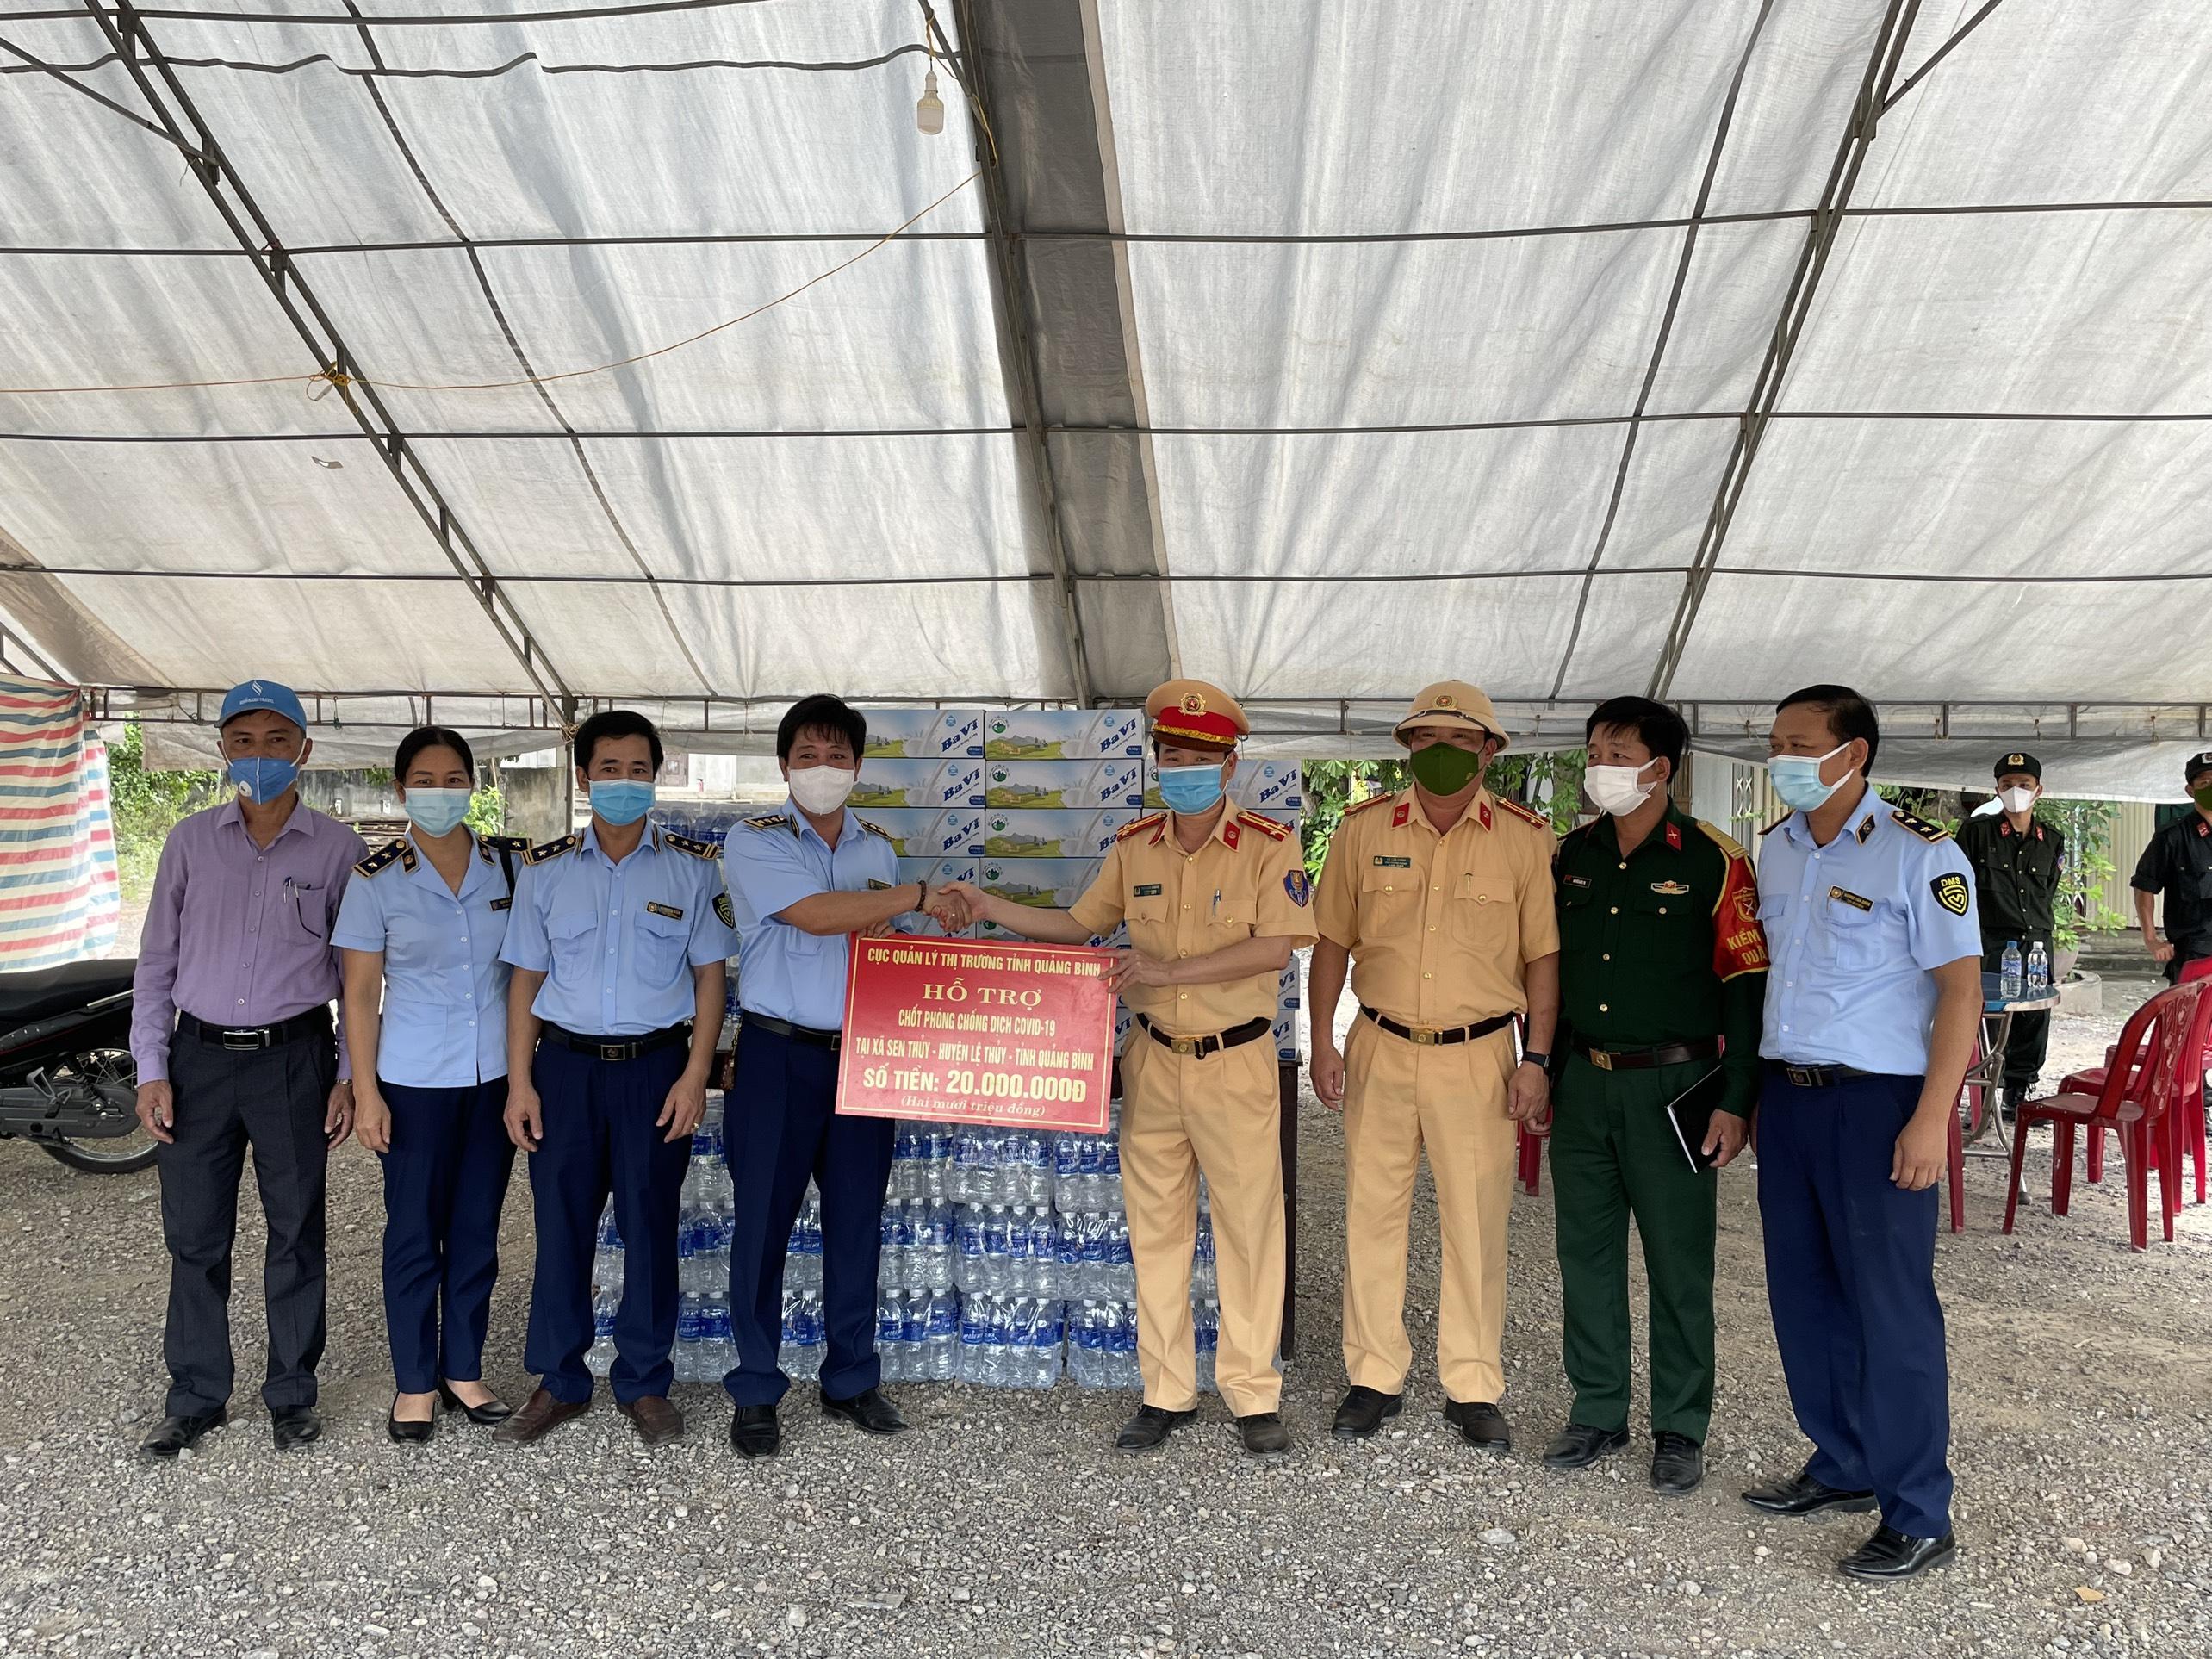 Cục QLTT Quảng Bình thăm hỏi, động viên lực lượng làm nhiệm vụ tại Chốt kiểm soát phòng, chống dịch Covid-19 đóng tại địa bàn huyện Lệ Thủy, tỉnh Quảng Bình